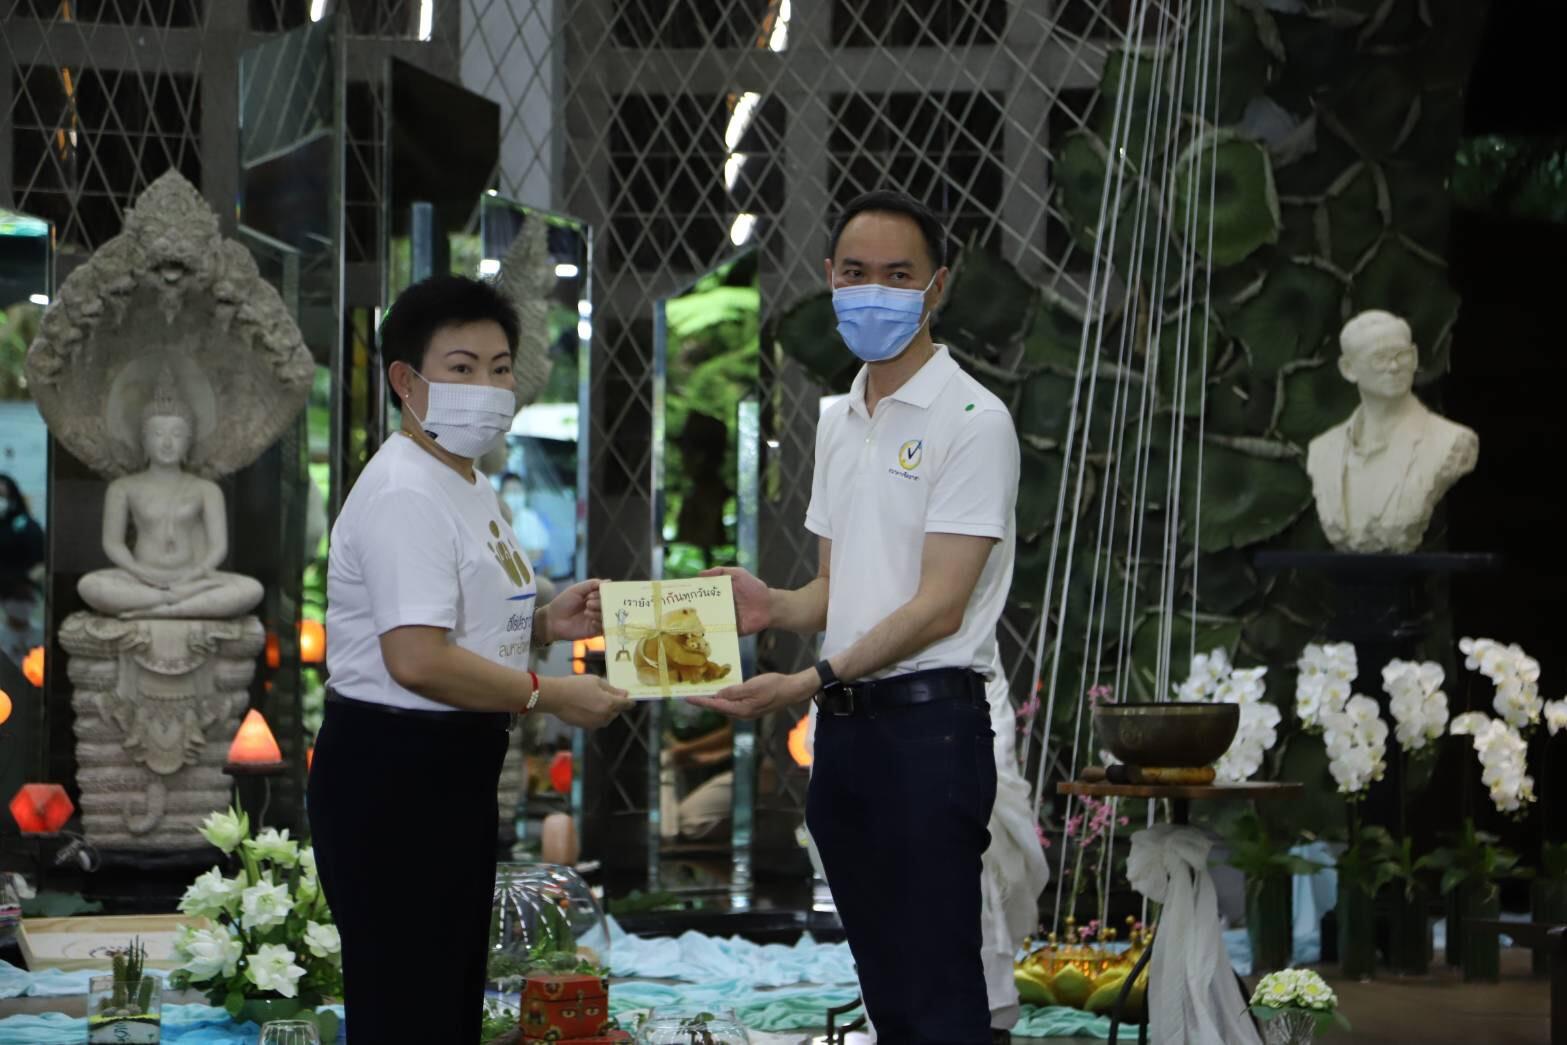 สสส.จับมือภาคีผลิตหนังสือภาพ ให้กำลังใจบุคลากรทางการแพทย์ thaihealth